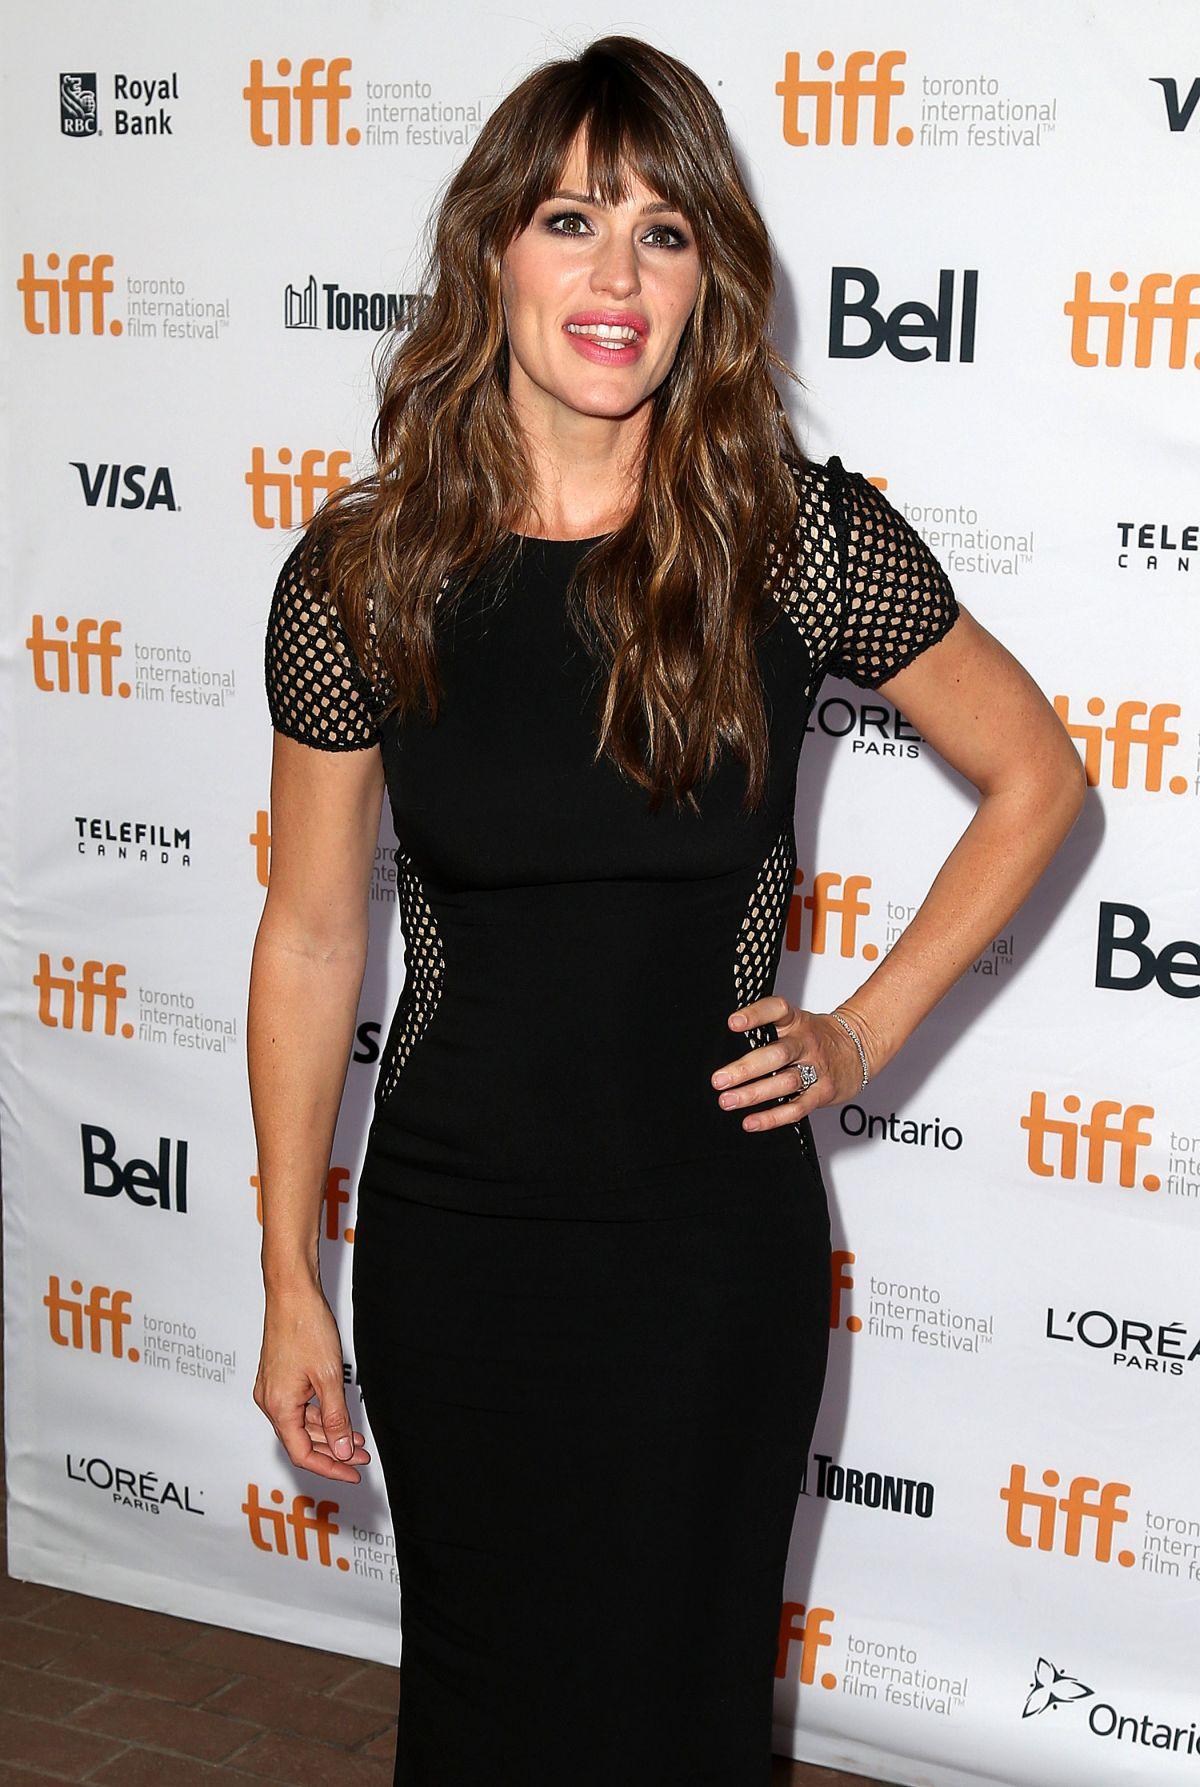 JENNIFER GARNER at Men, Women & Children Premiere in Toronto